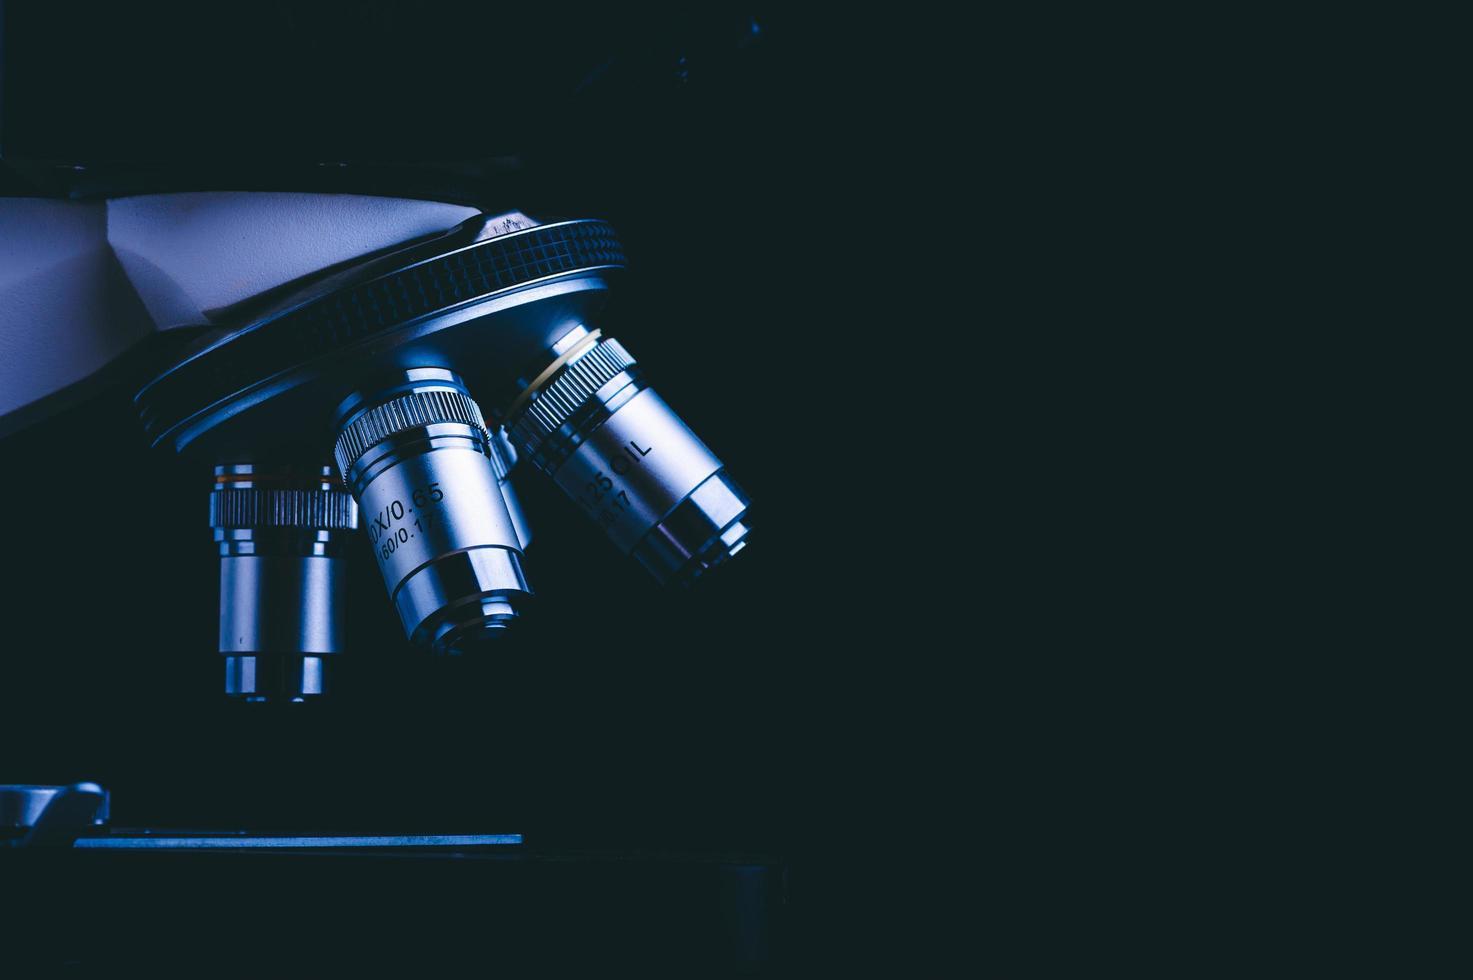 Nahaufnahme von Mikroskoplinsen auf schwarzem Grund foto